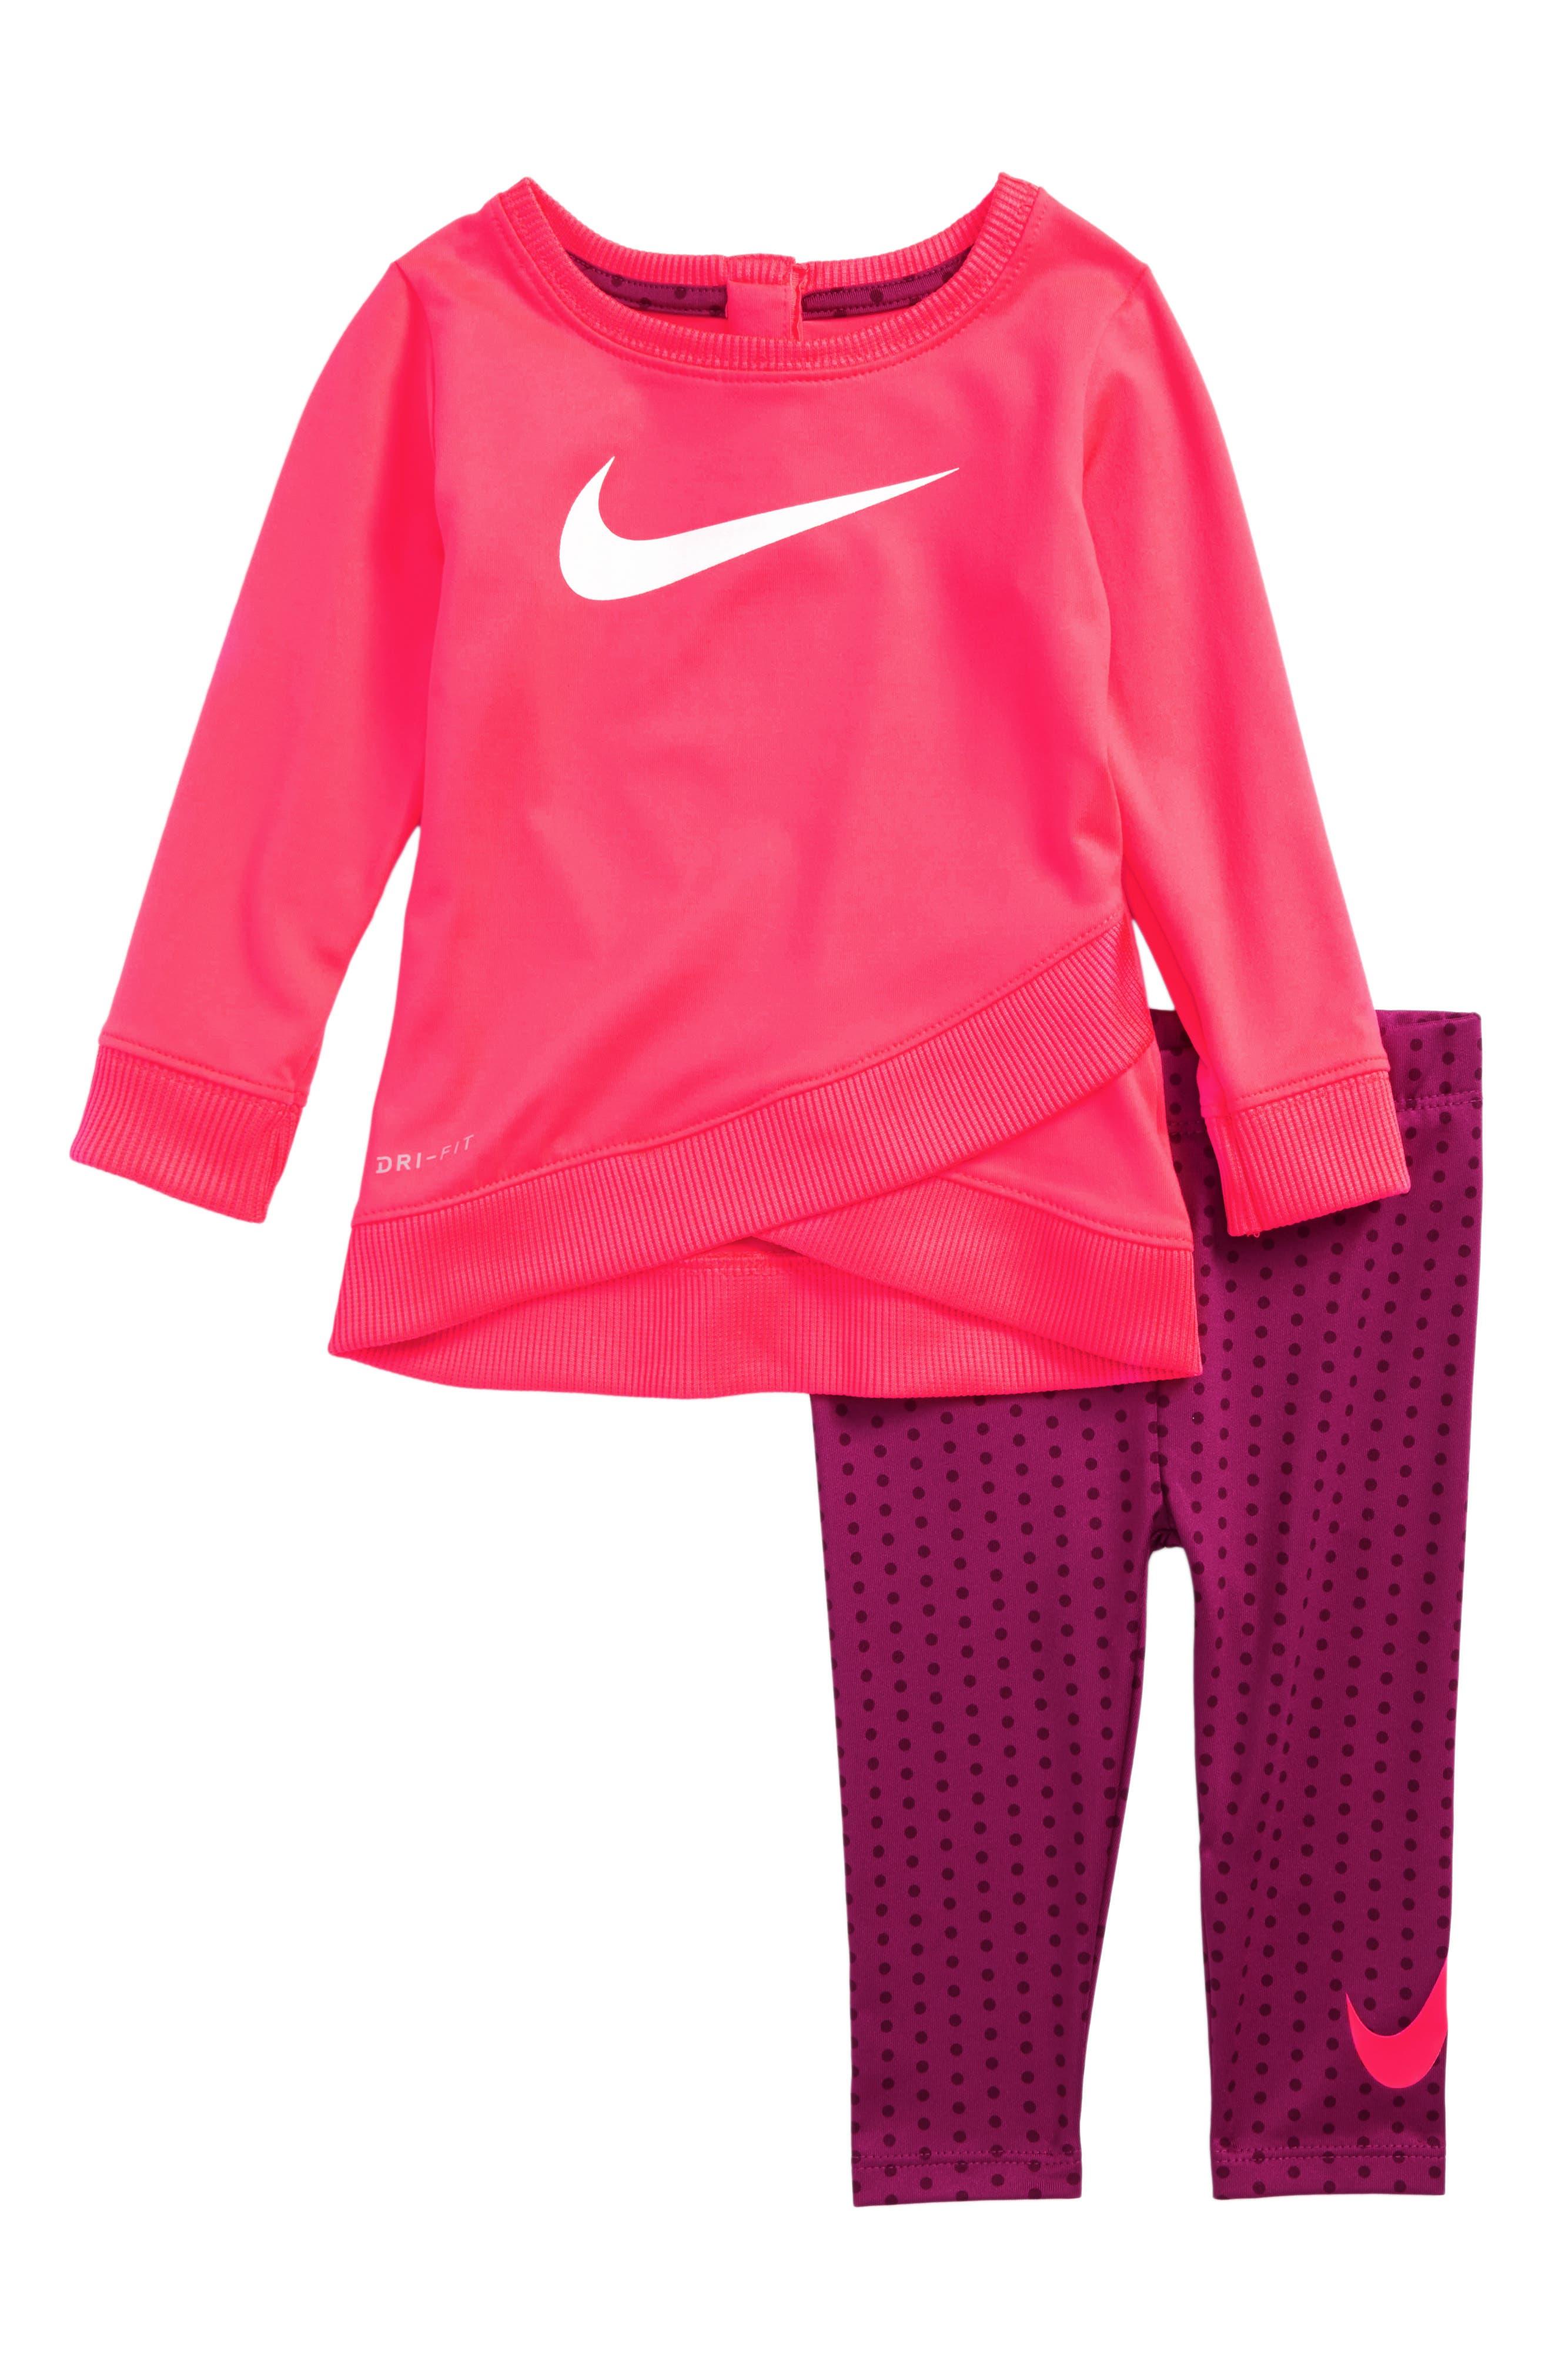 NIke Dri-FIT Logo Graphic Tee & Print Leggings Set (Baby Girls)